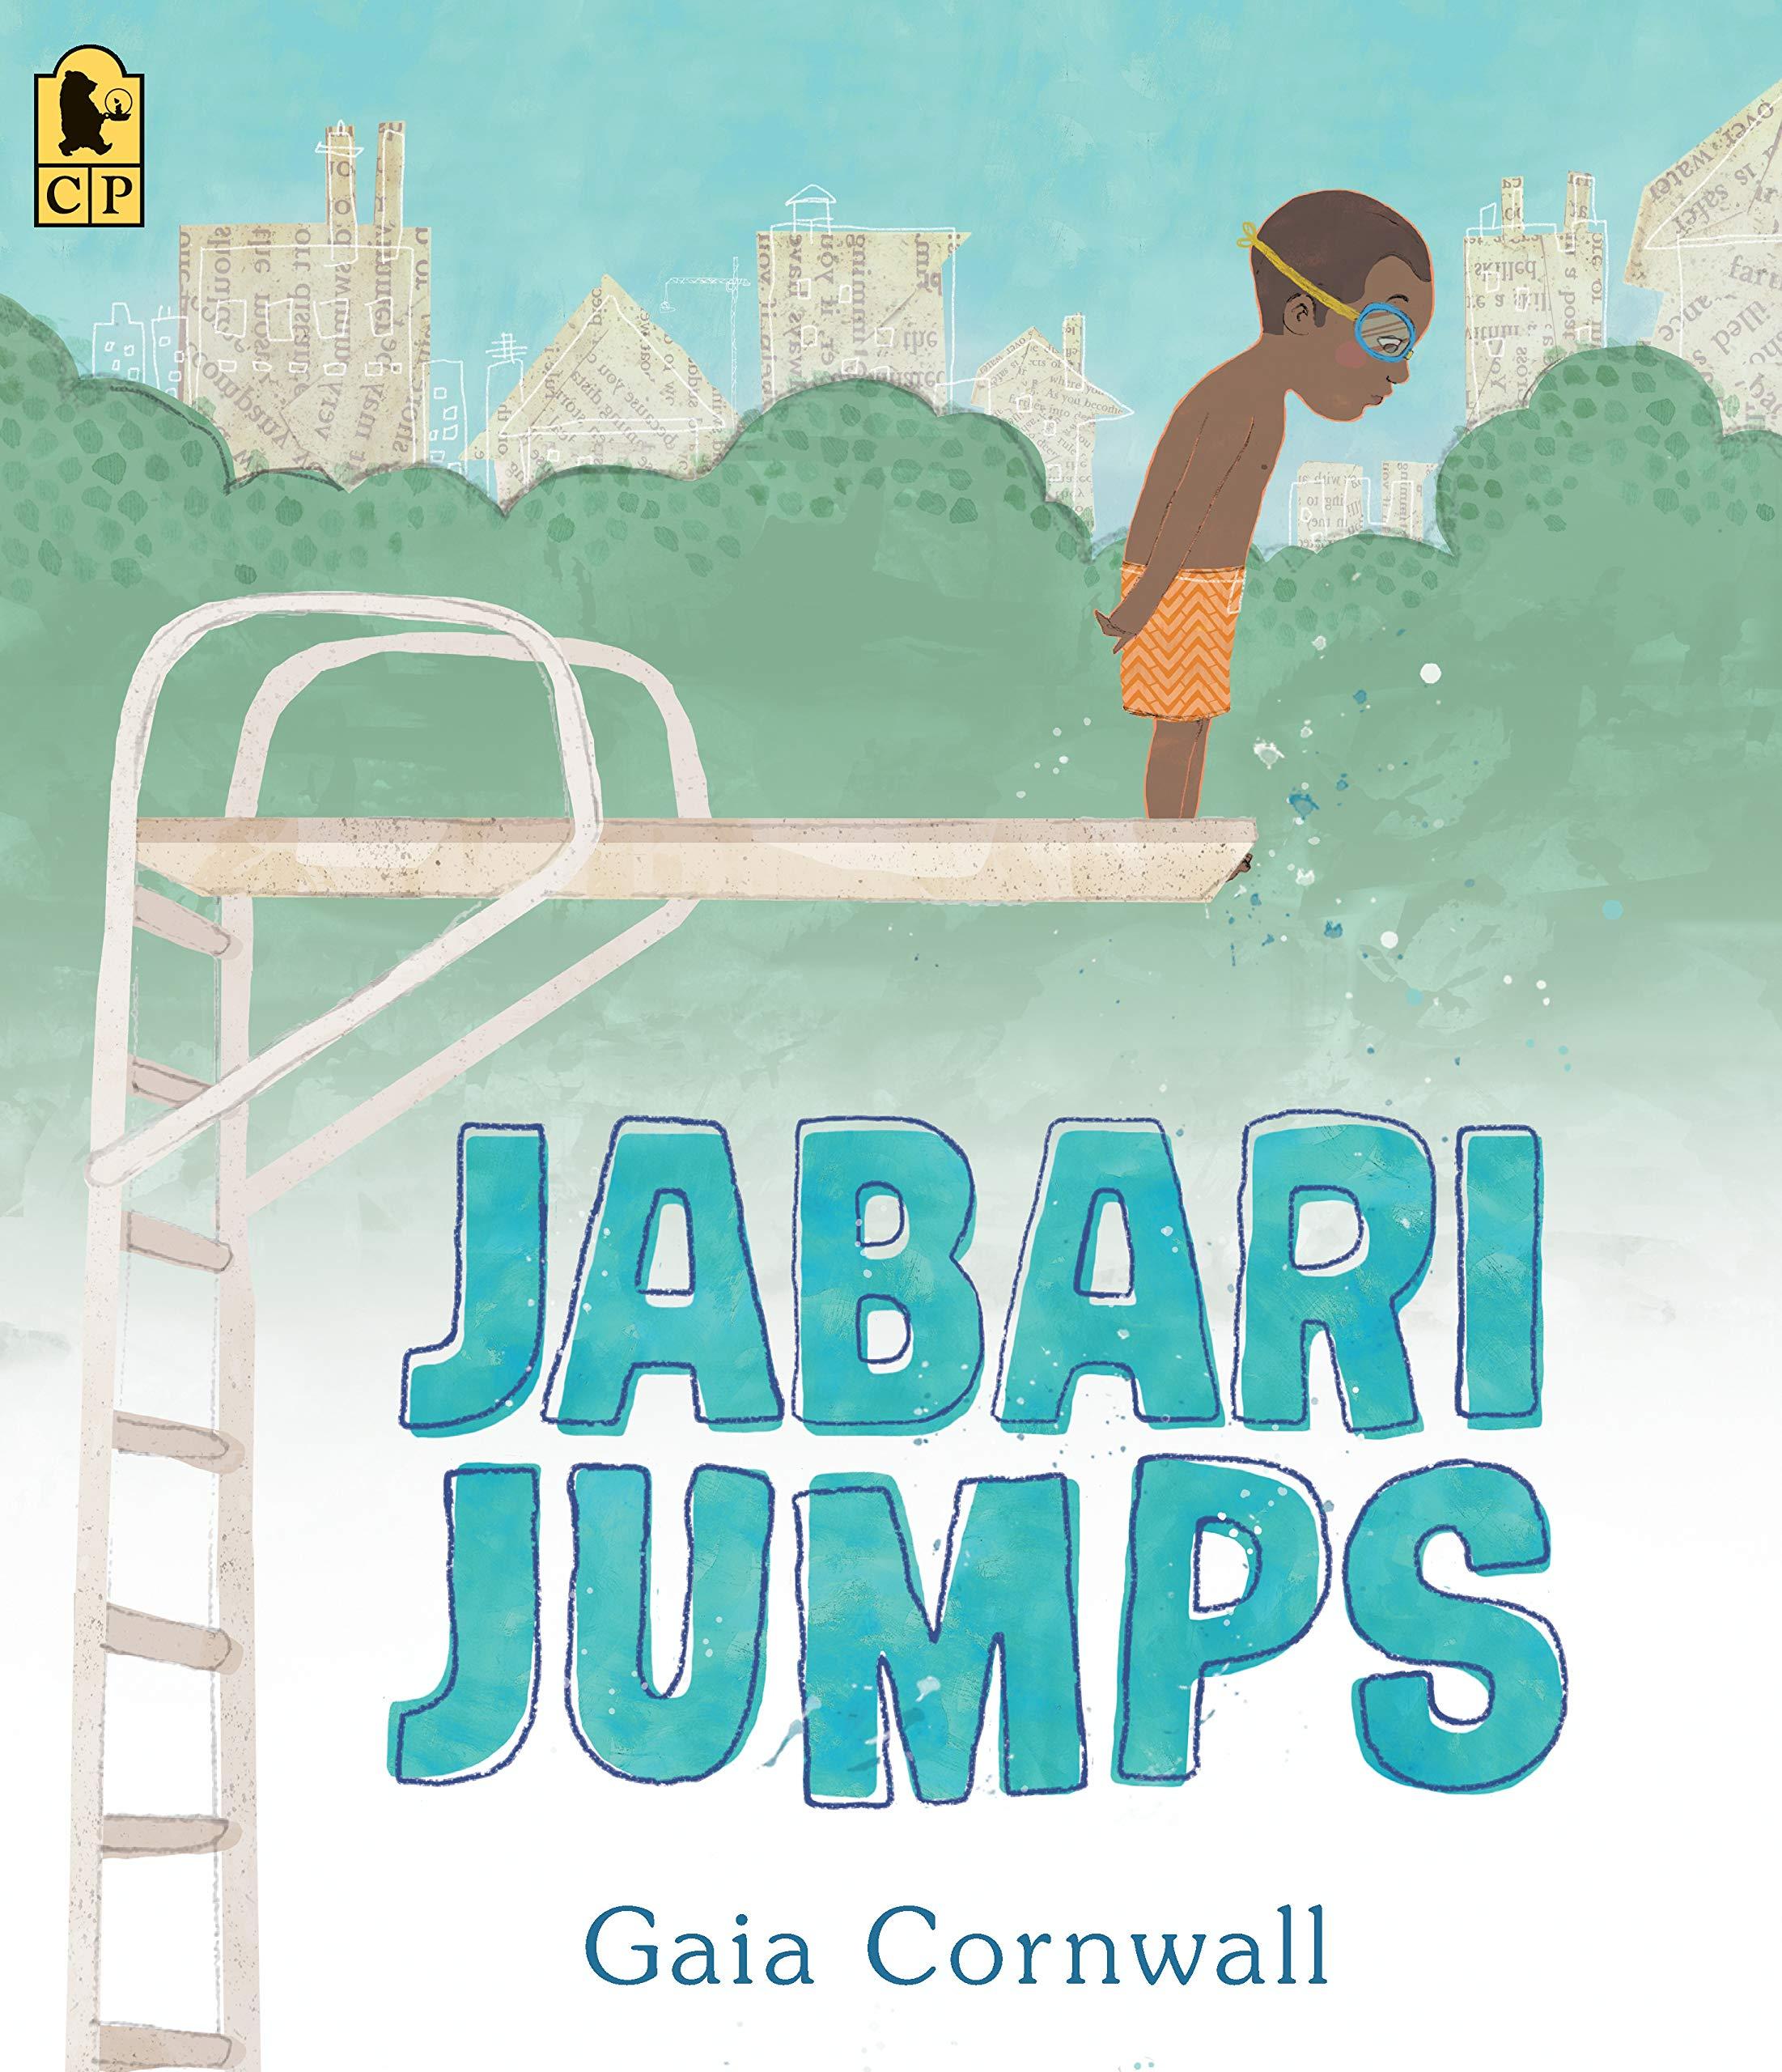 Jabari Jumps: Amazon.co.uk: Cornwall, Gaia, Cornwall, Gaia: Books